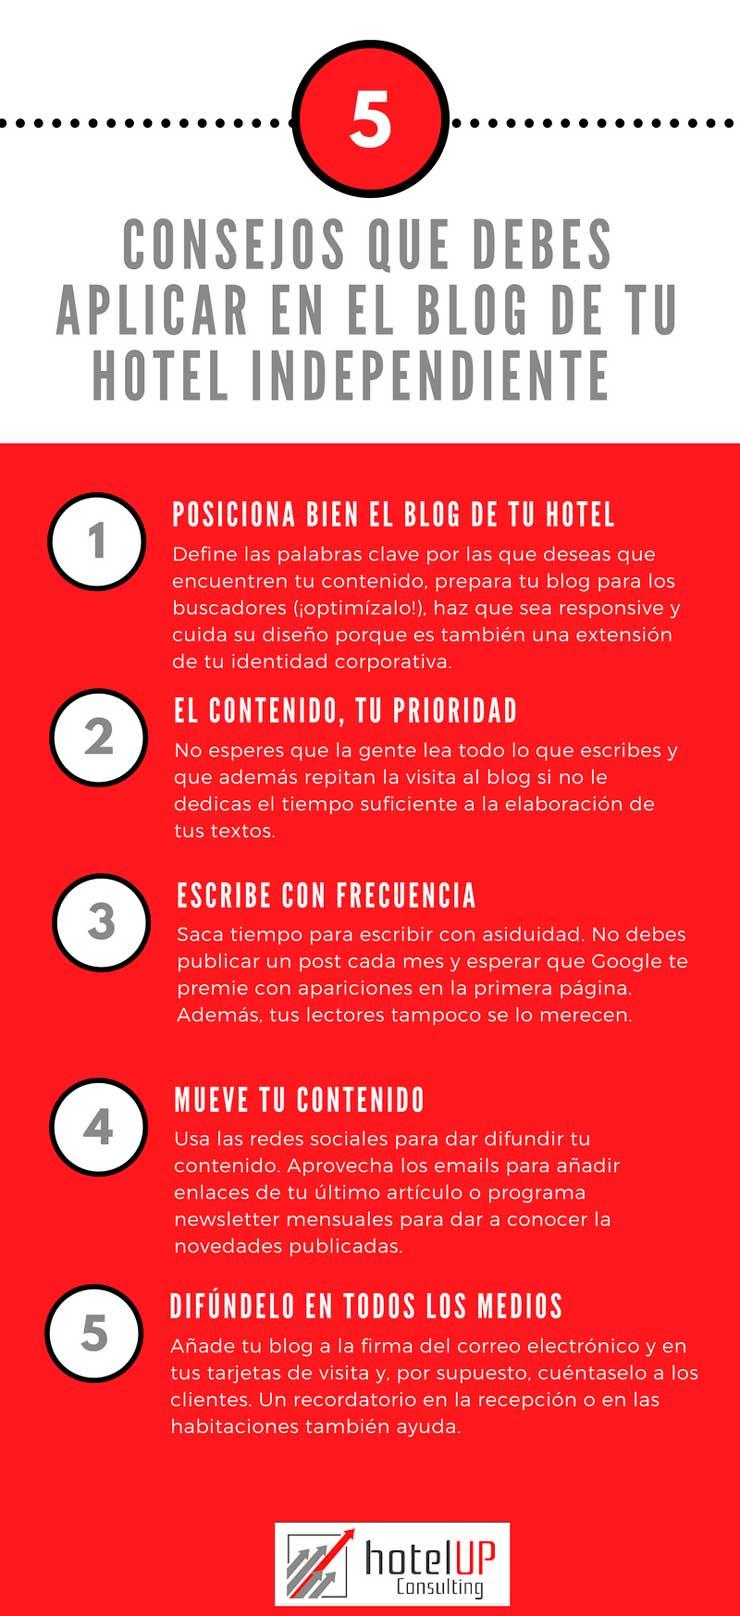 5-CONSEJOS-PARA-APLICAR-AL-BLOG-DE-TU-HOTEL-INDEPENDIENTE-PYME-HOTELERA-hotel-up